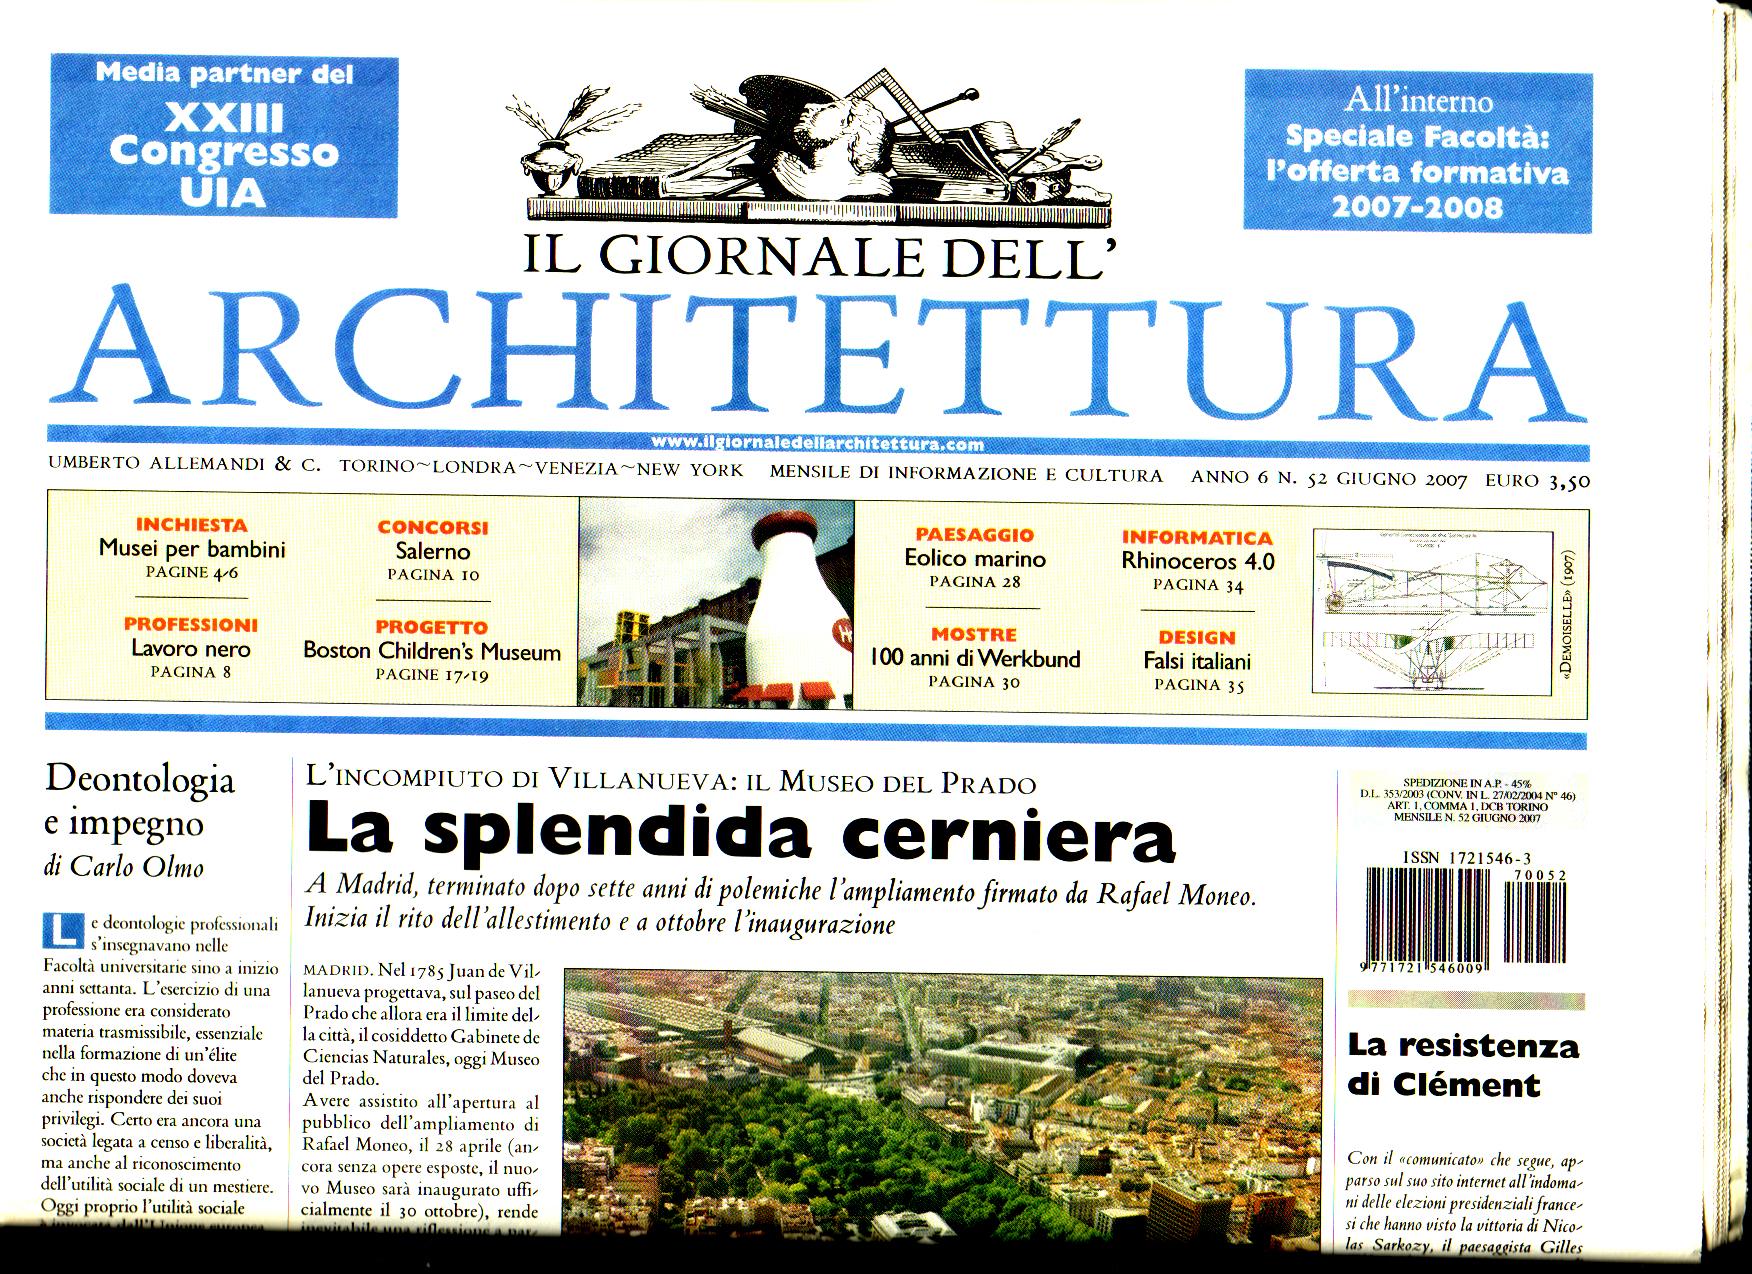 Il GIORNALE DELL'ARCHITETTURA N.52 2007